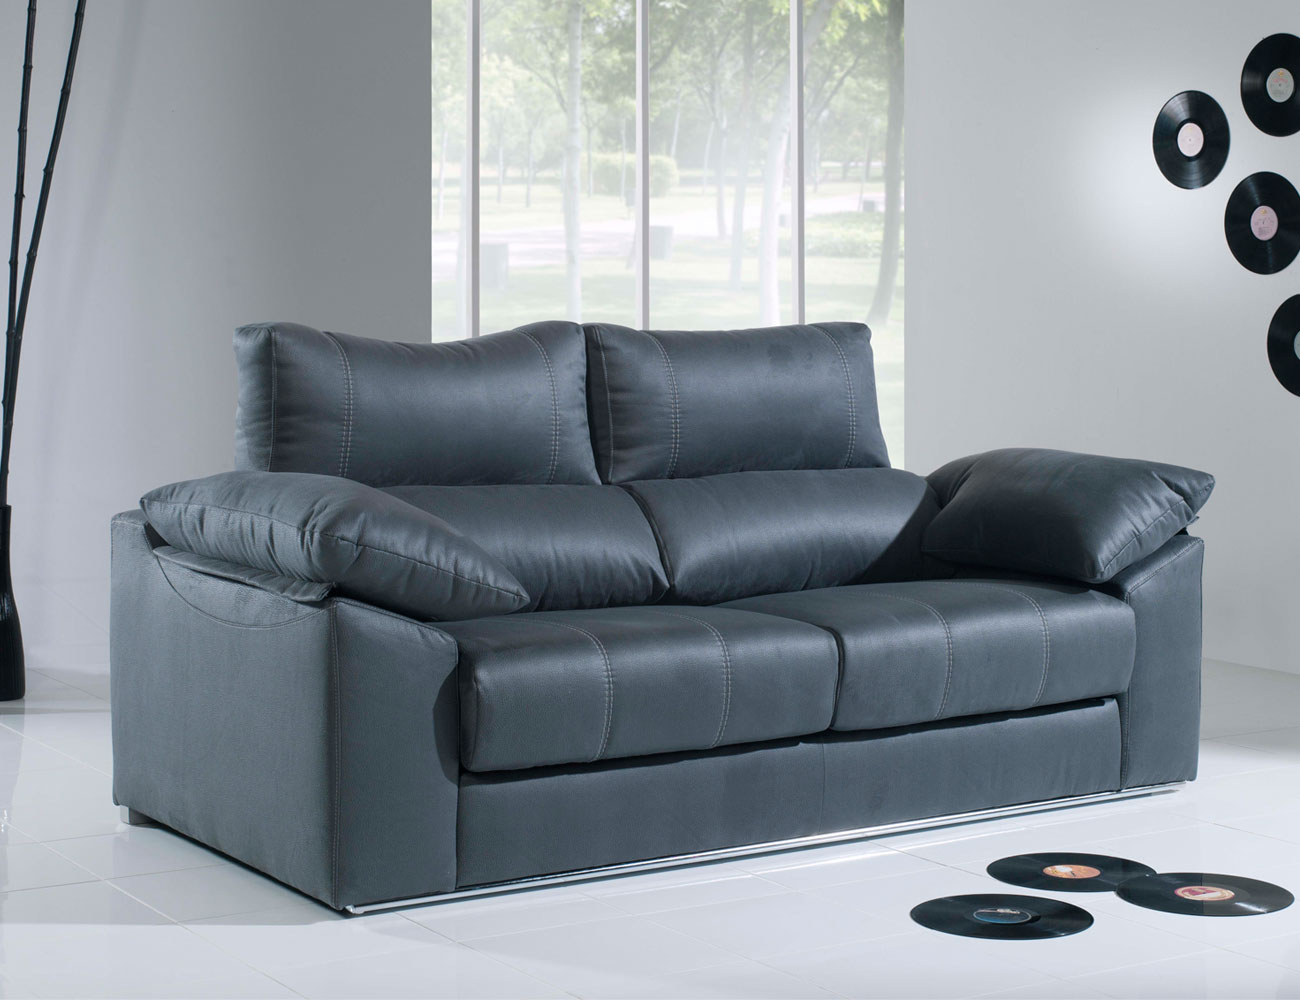 Sofa 3 plazas moderno con barra39